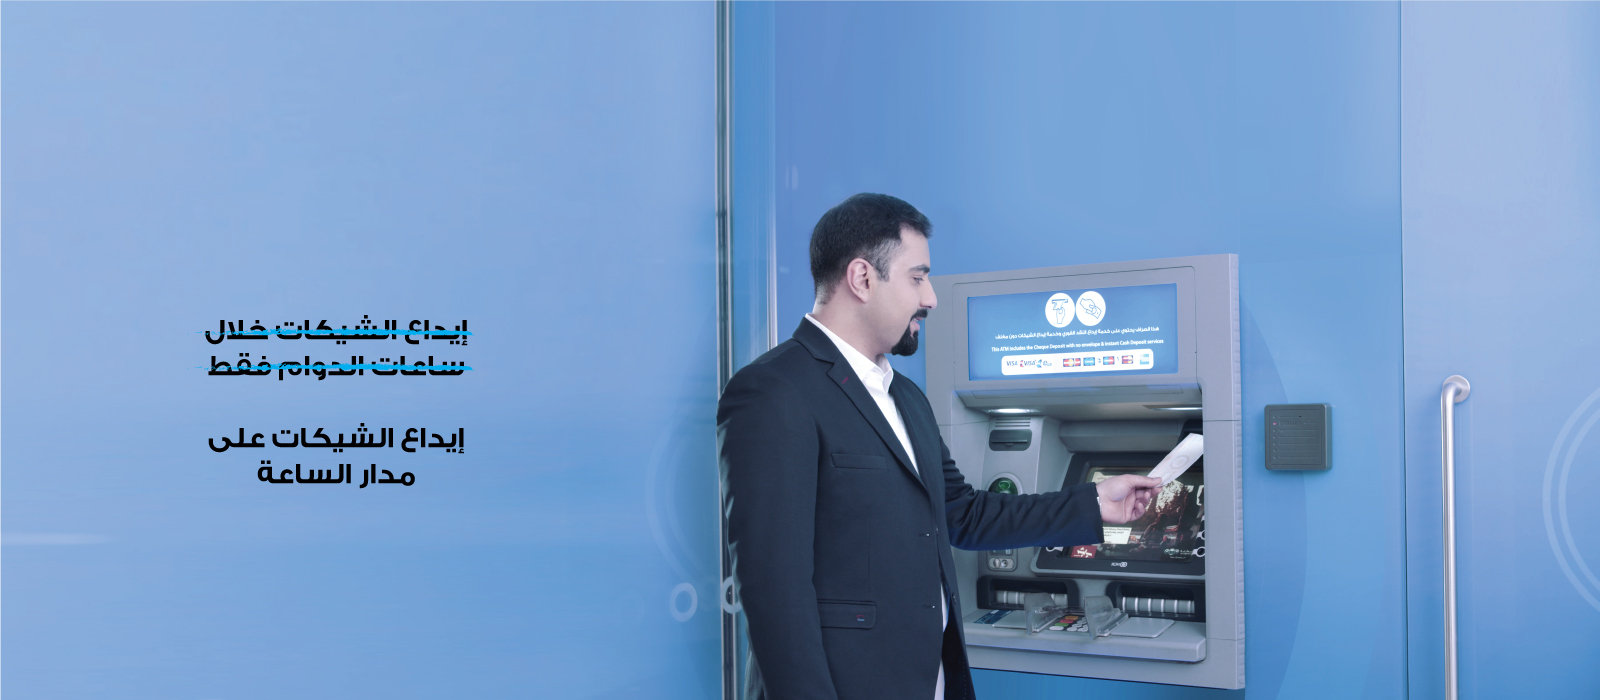 Cheque-Deposit-1600x700-A